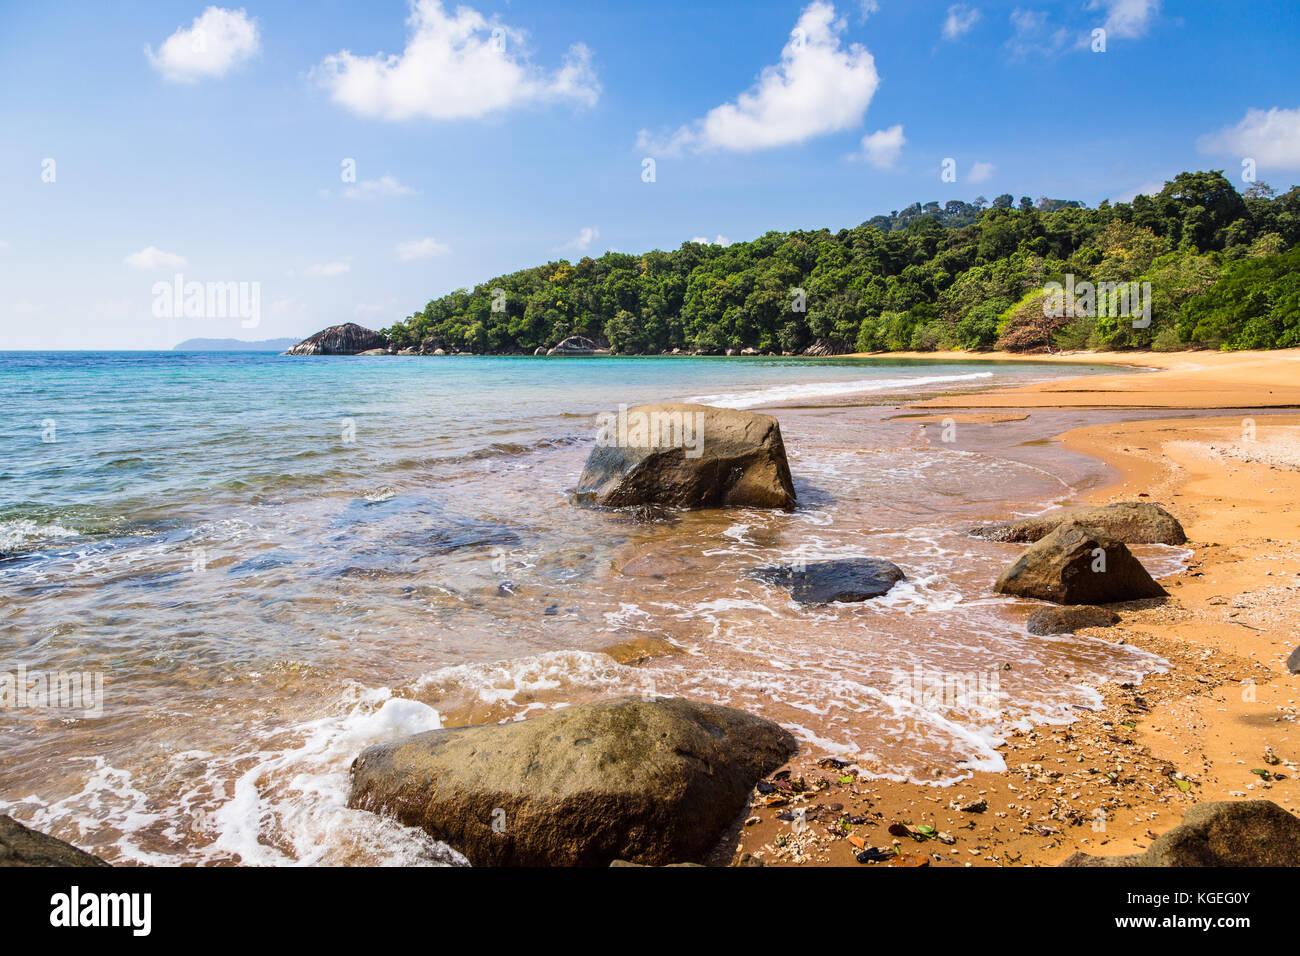 Idílica playa vacía en la isla de Tioman en el mar del sur de China en Malasia en un día soleado Imagen De Stock